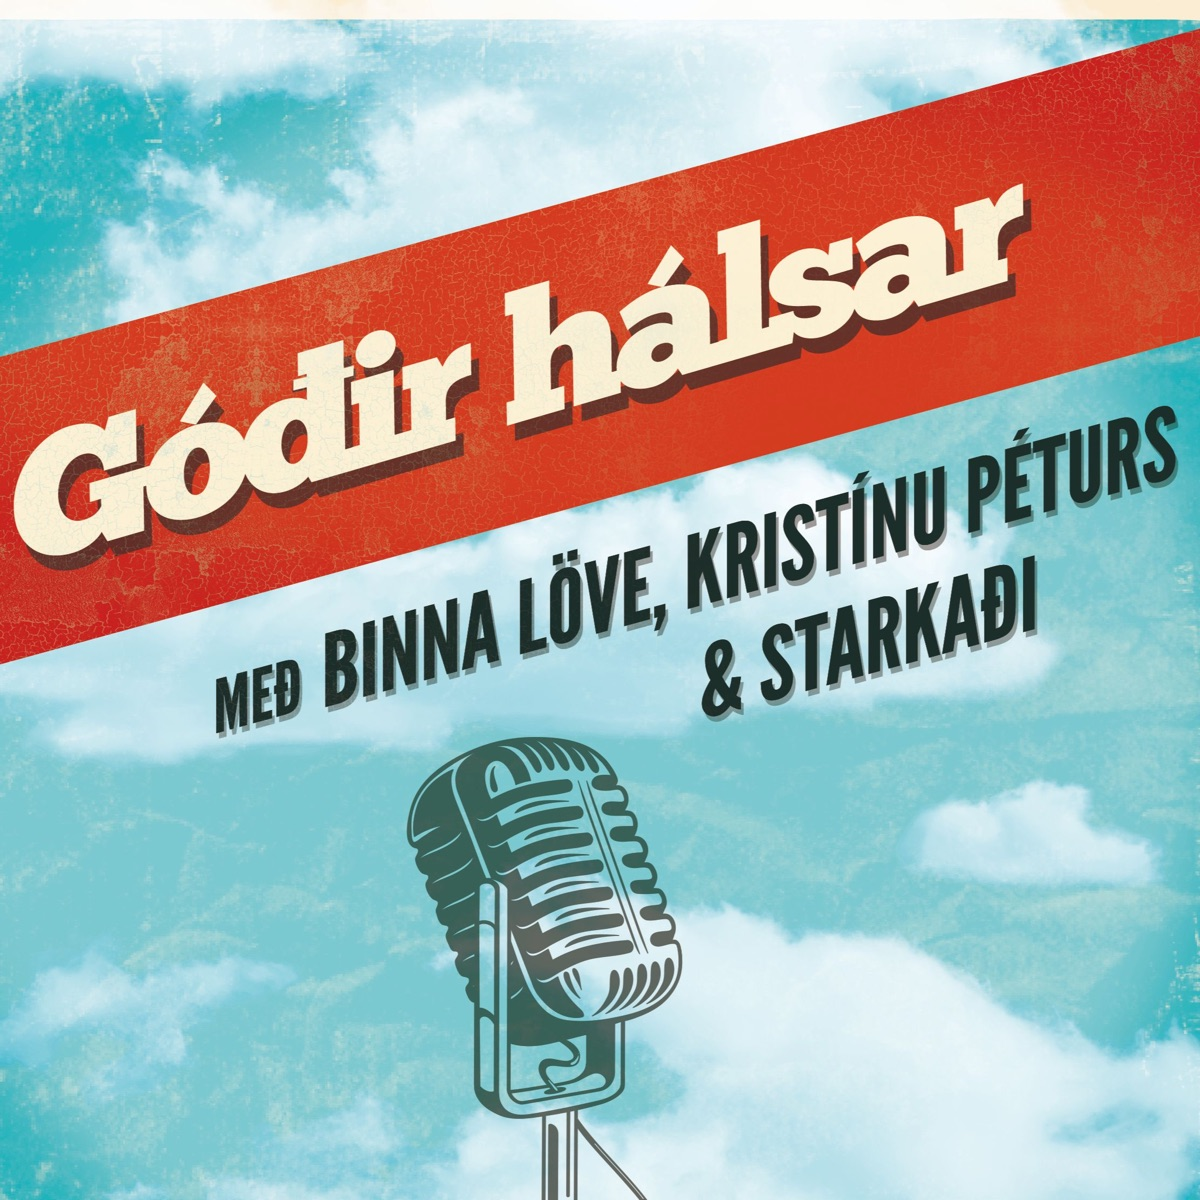 8. Góðir Hálsar - Öskudags Special